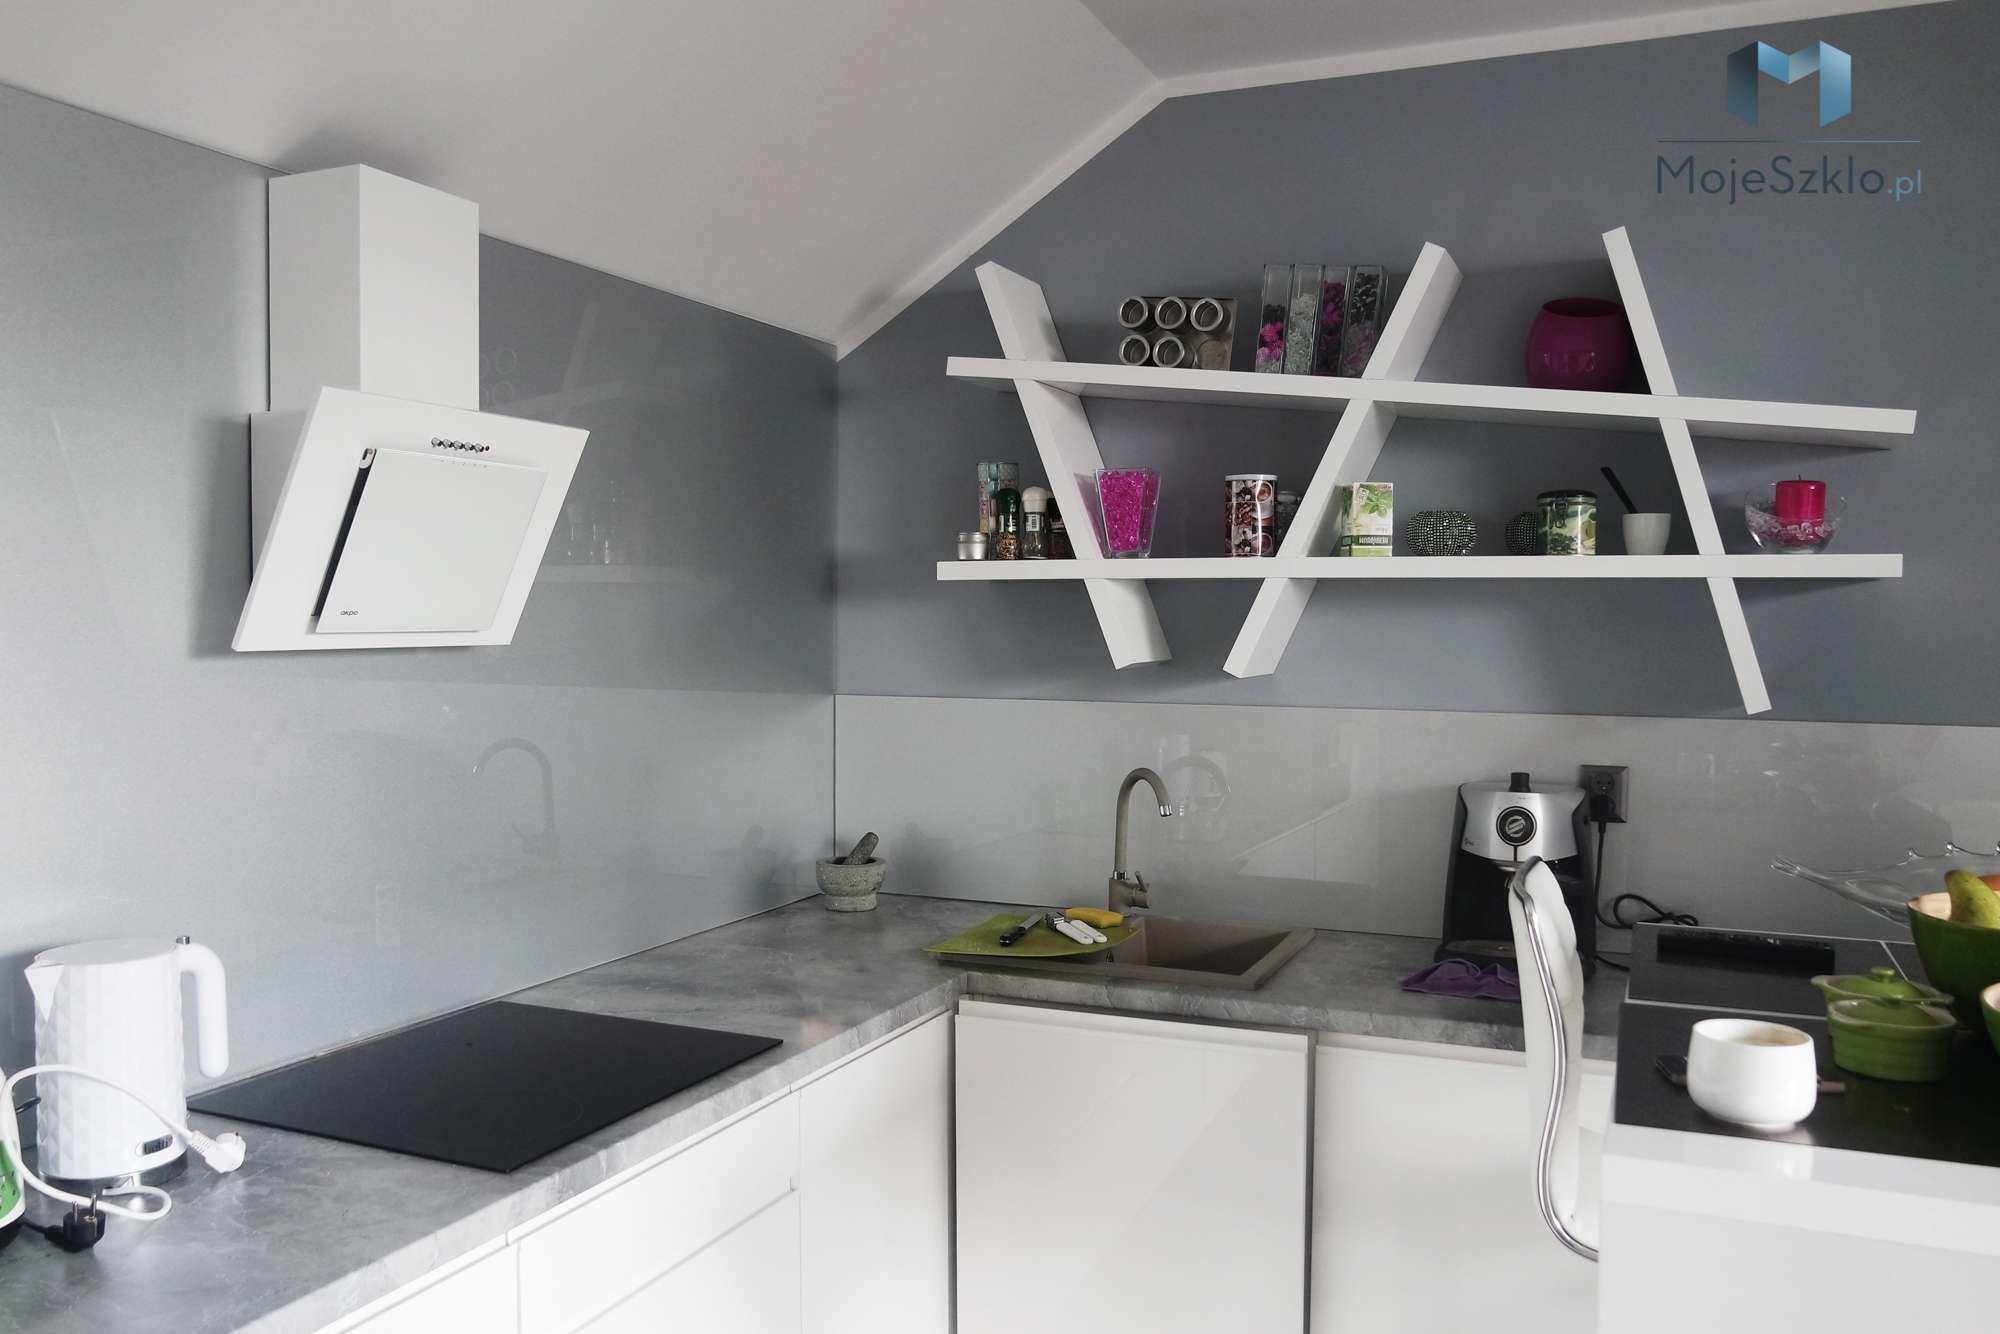 Lacobel Kolory Intensywne Aluminium - Lacobel kolory. Wzornik dostępnych odcieni